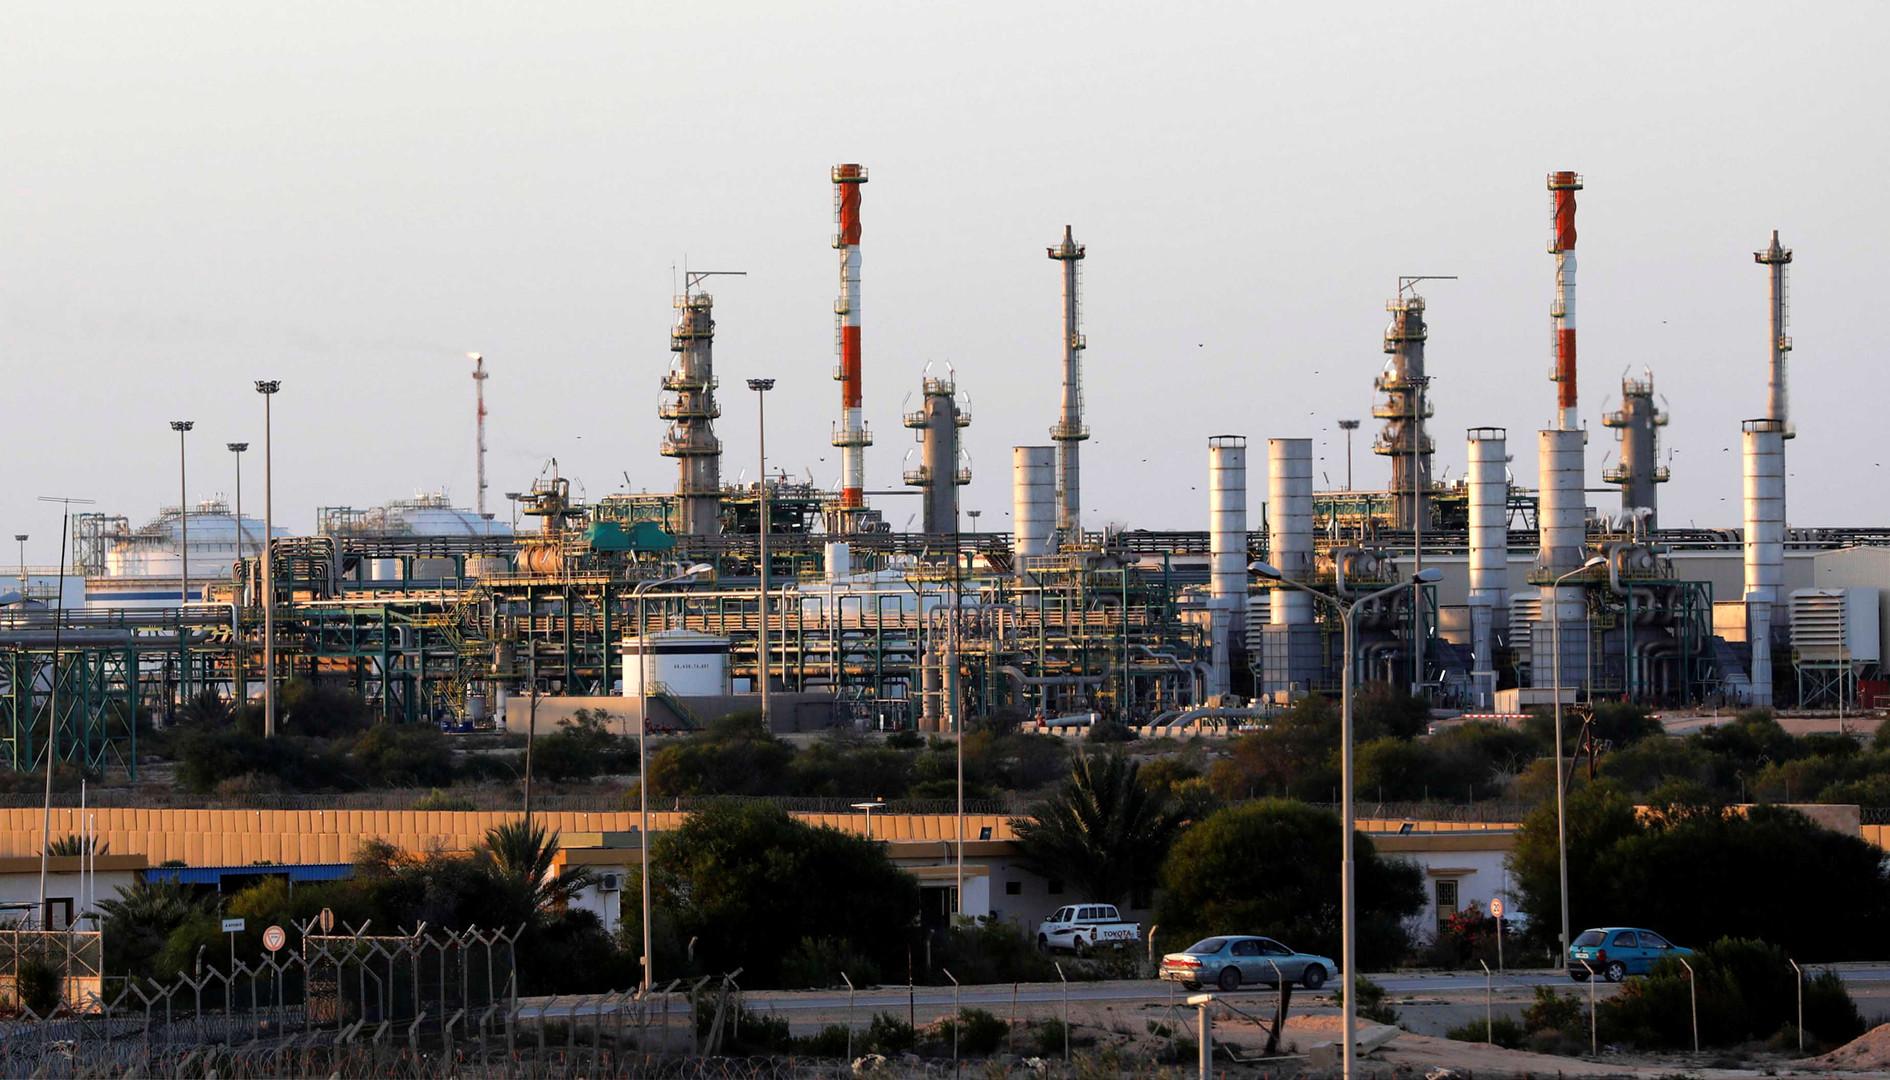 مصنع نفط وغاز في زوارة شمال غرب ليبيا